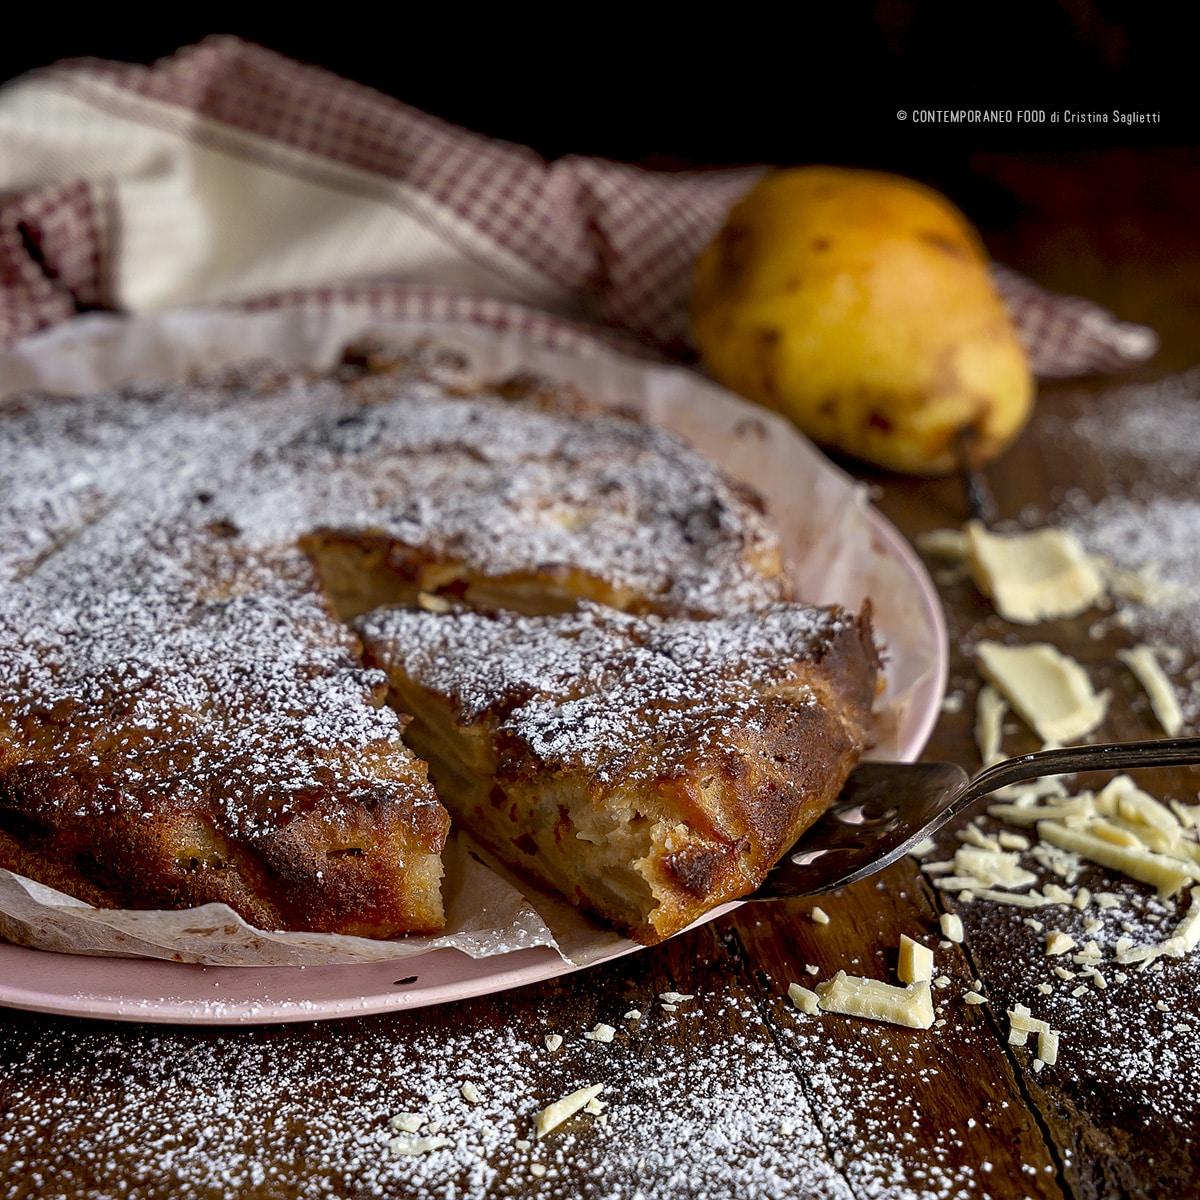 torta-pere-cioccolato-bianco-cognac-dolce-facile-con-la-frutta-contemporaneo-food